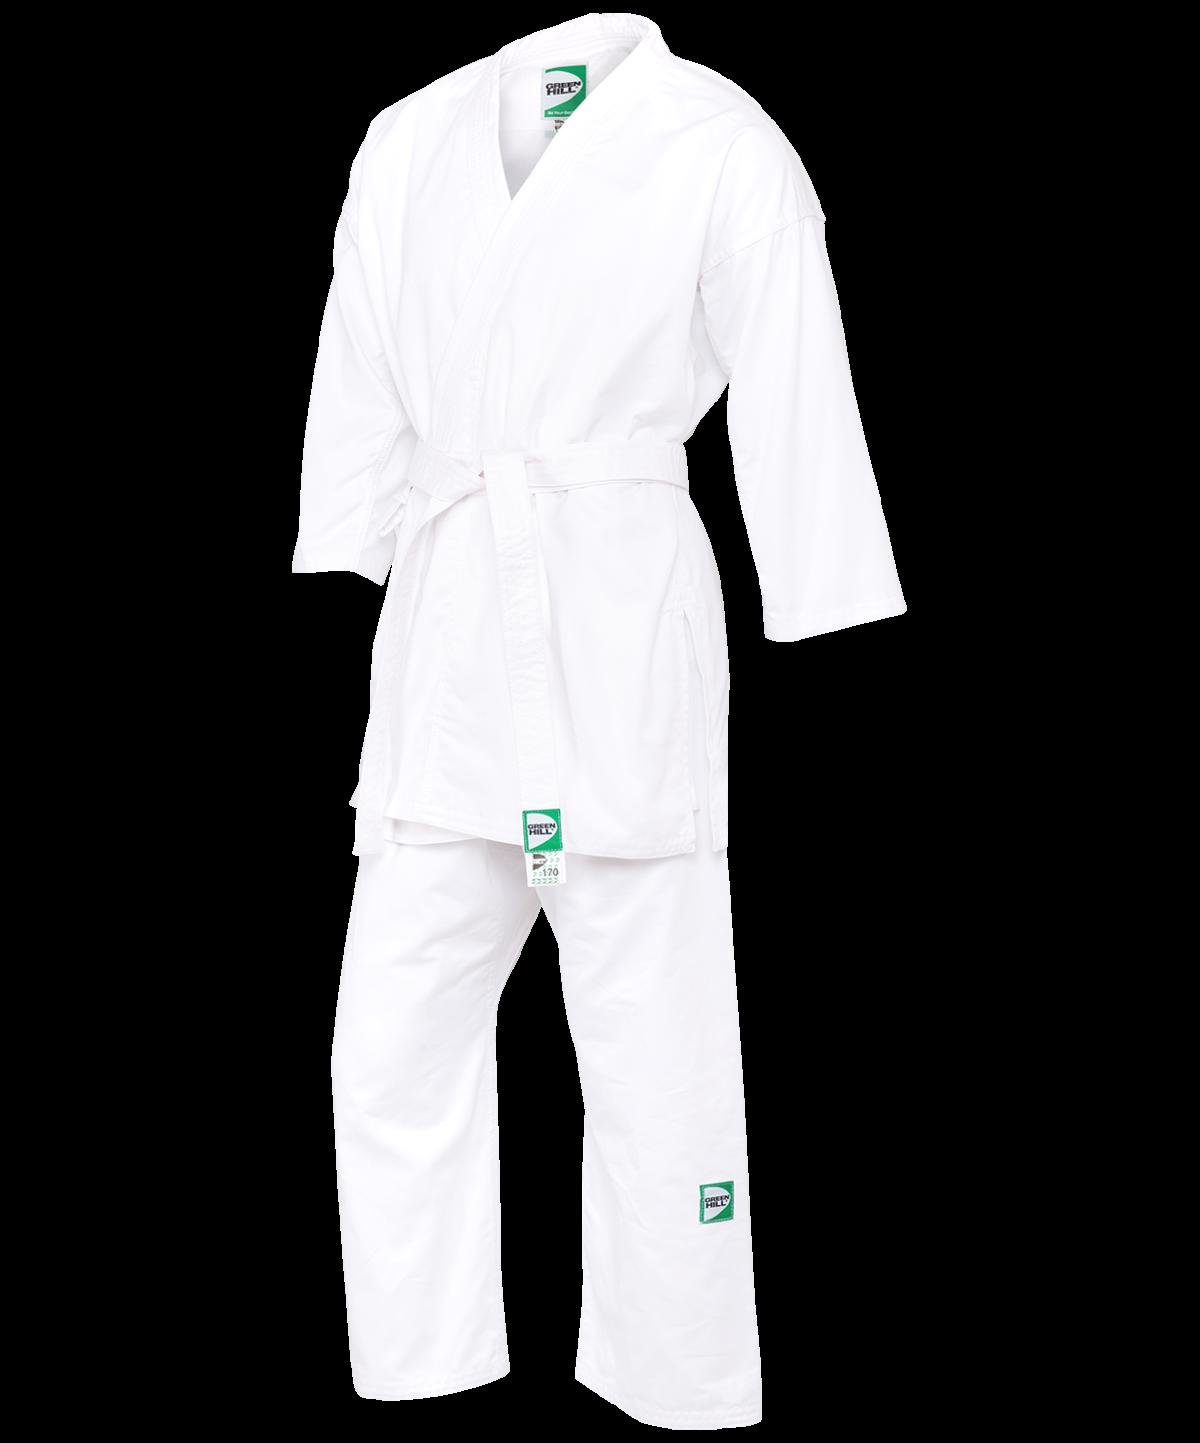 GREEN HILL Кимоно для карате Start 3/160  KSST-10354 - 1